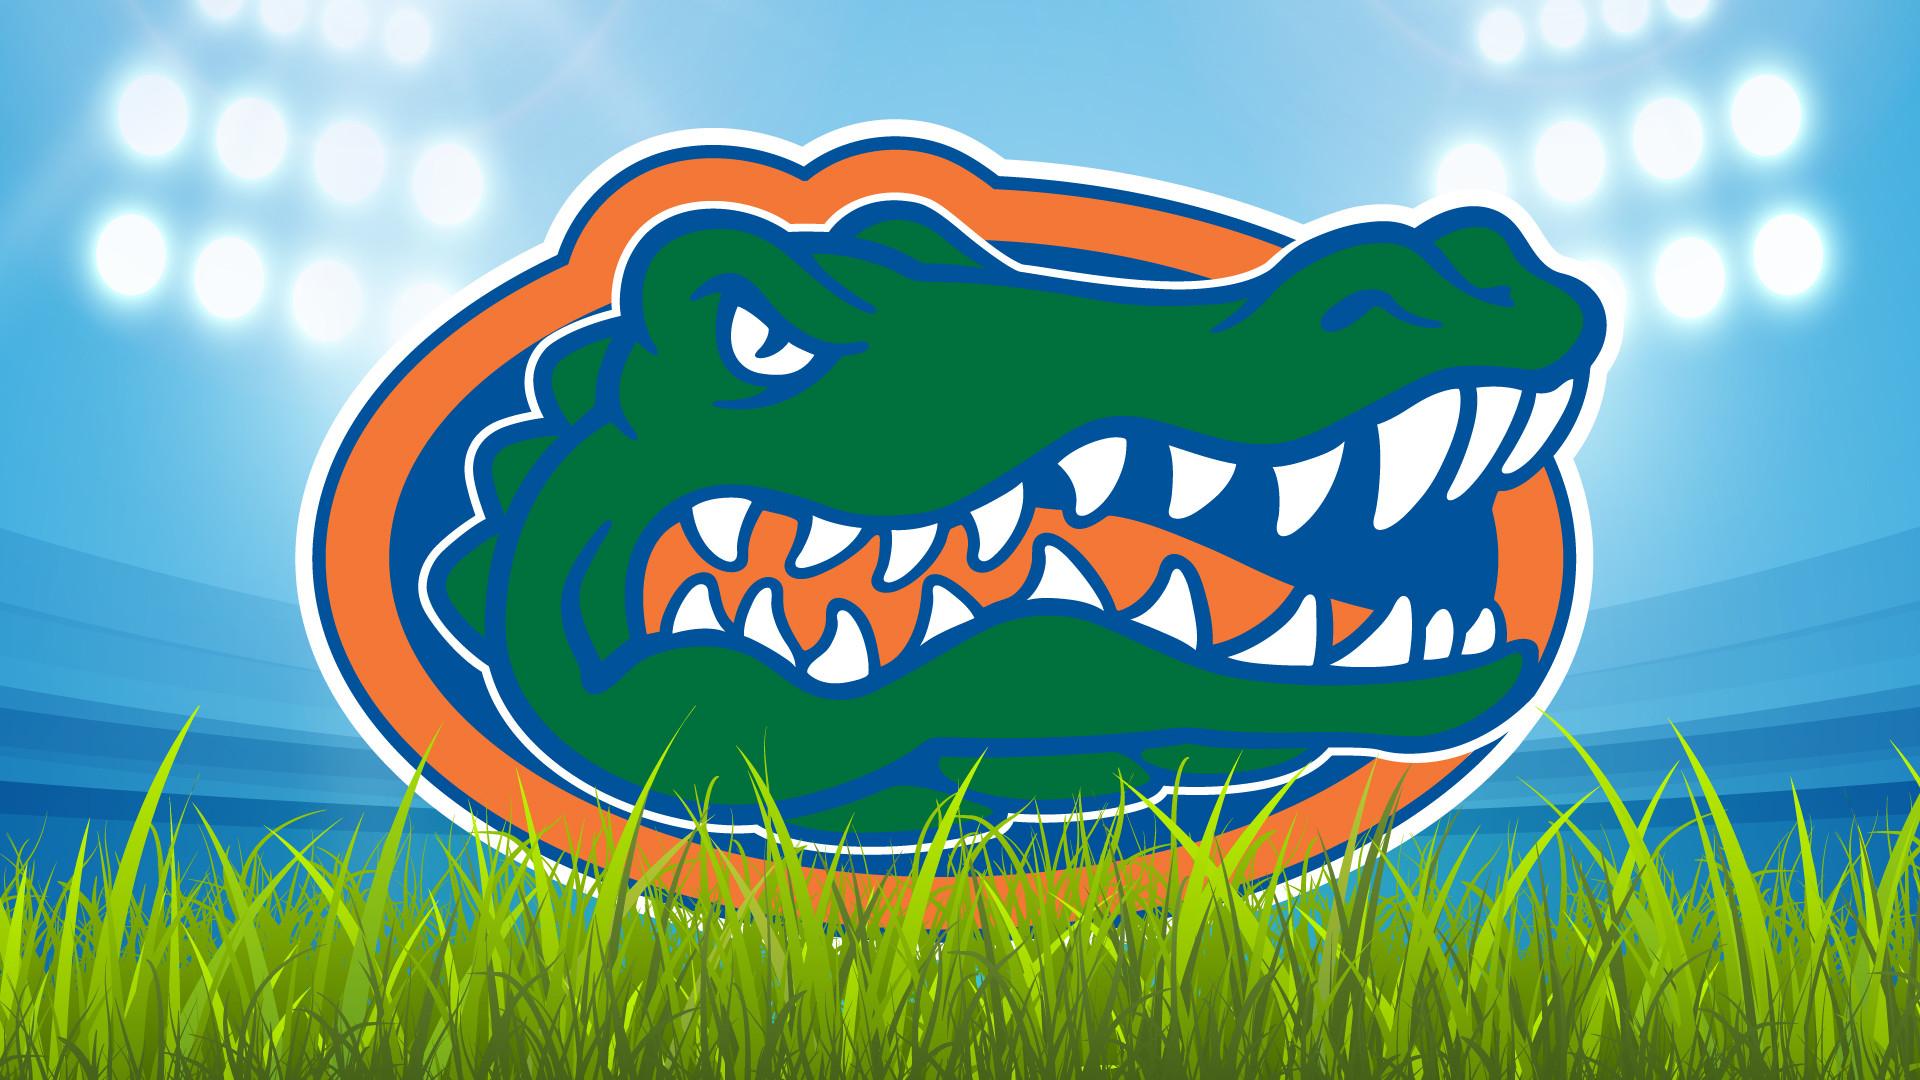 Florida gators wallpaper hd 76 images - Florida gators background ...